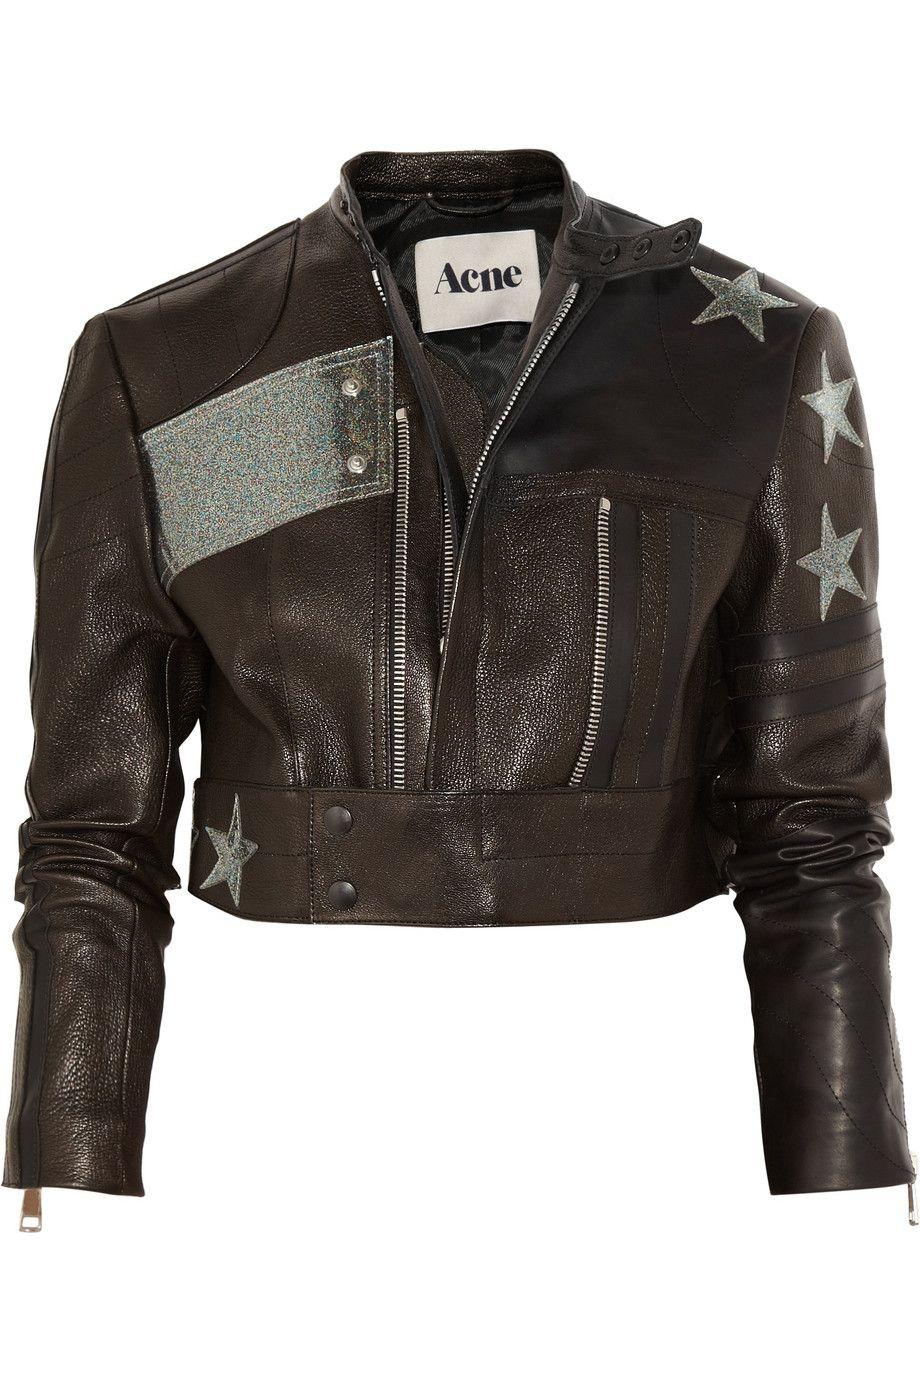 Acne Stars appliquéd cropped leather biker jacket. Total